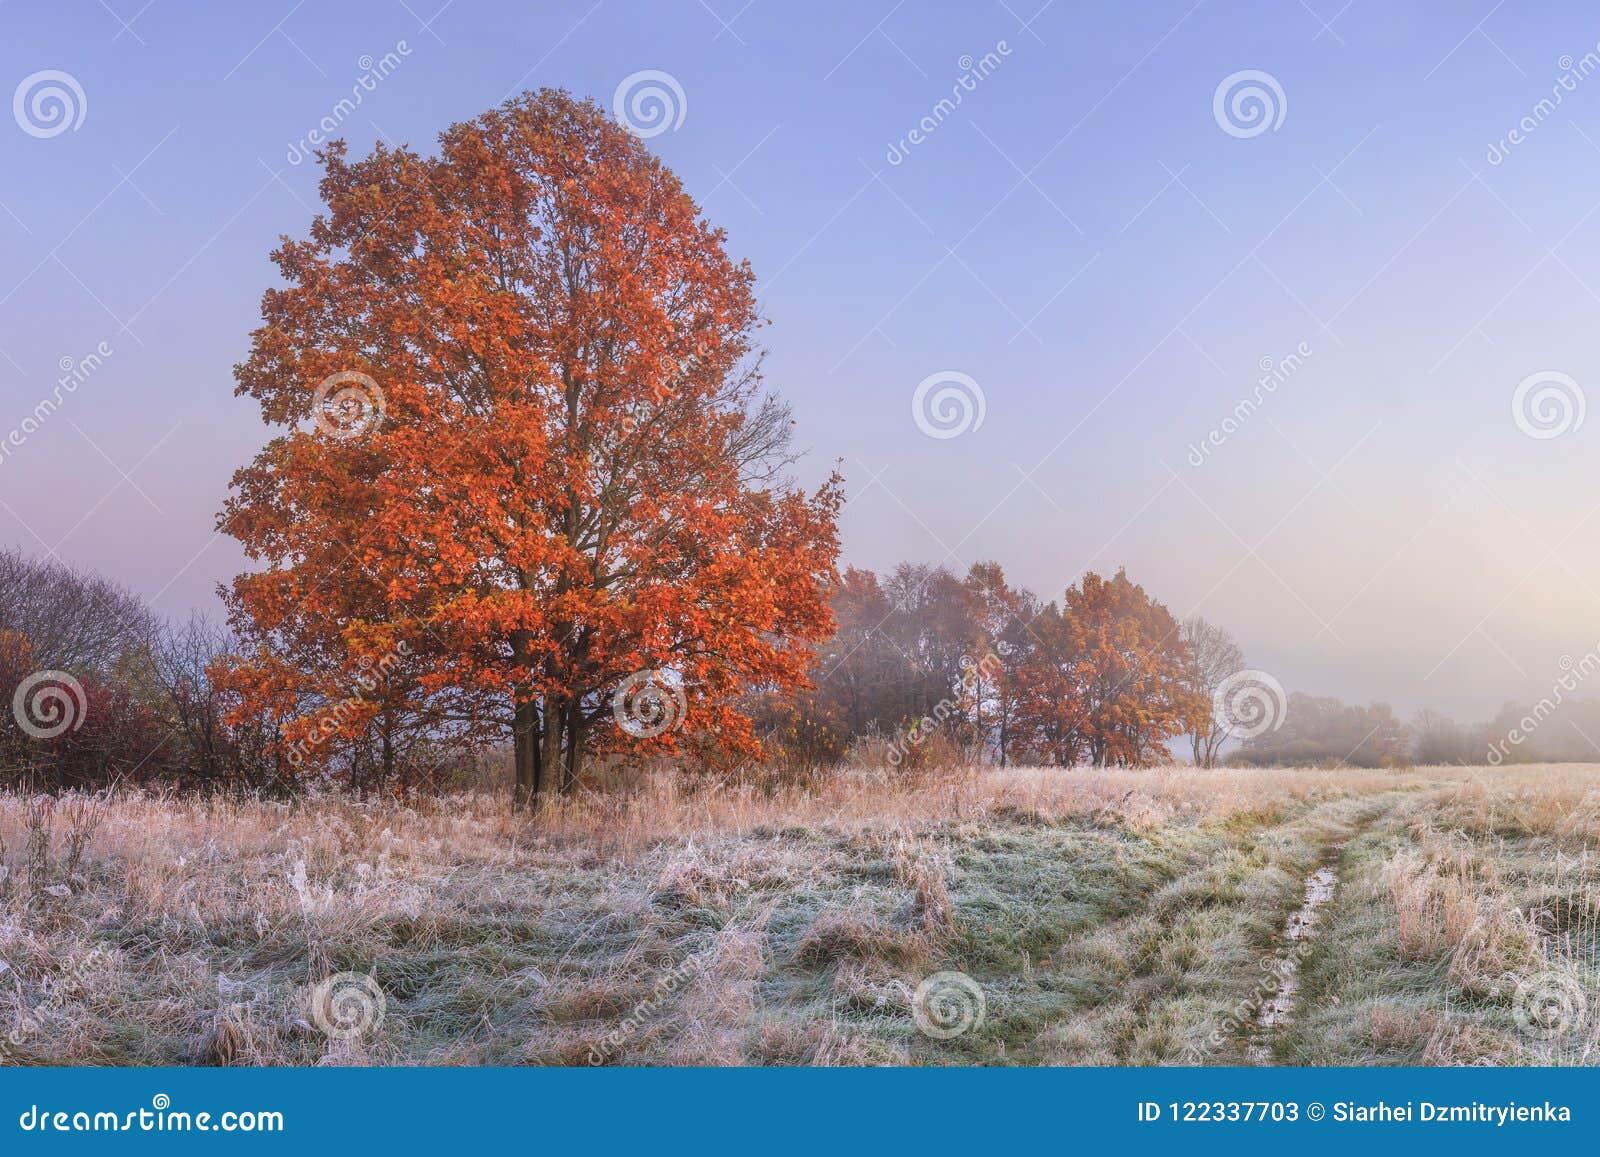 Autumn Landscape Caída asombrosa en noviembre Naturaleza otoñal de la mañana Prado frío con escarcha en hierba y follaje rojo en